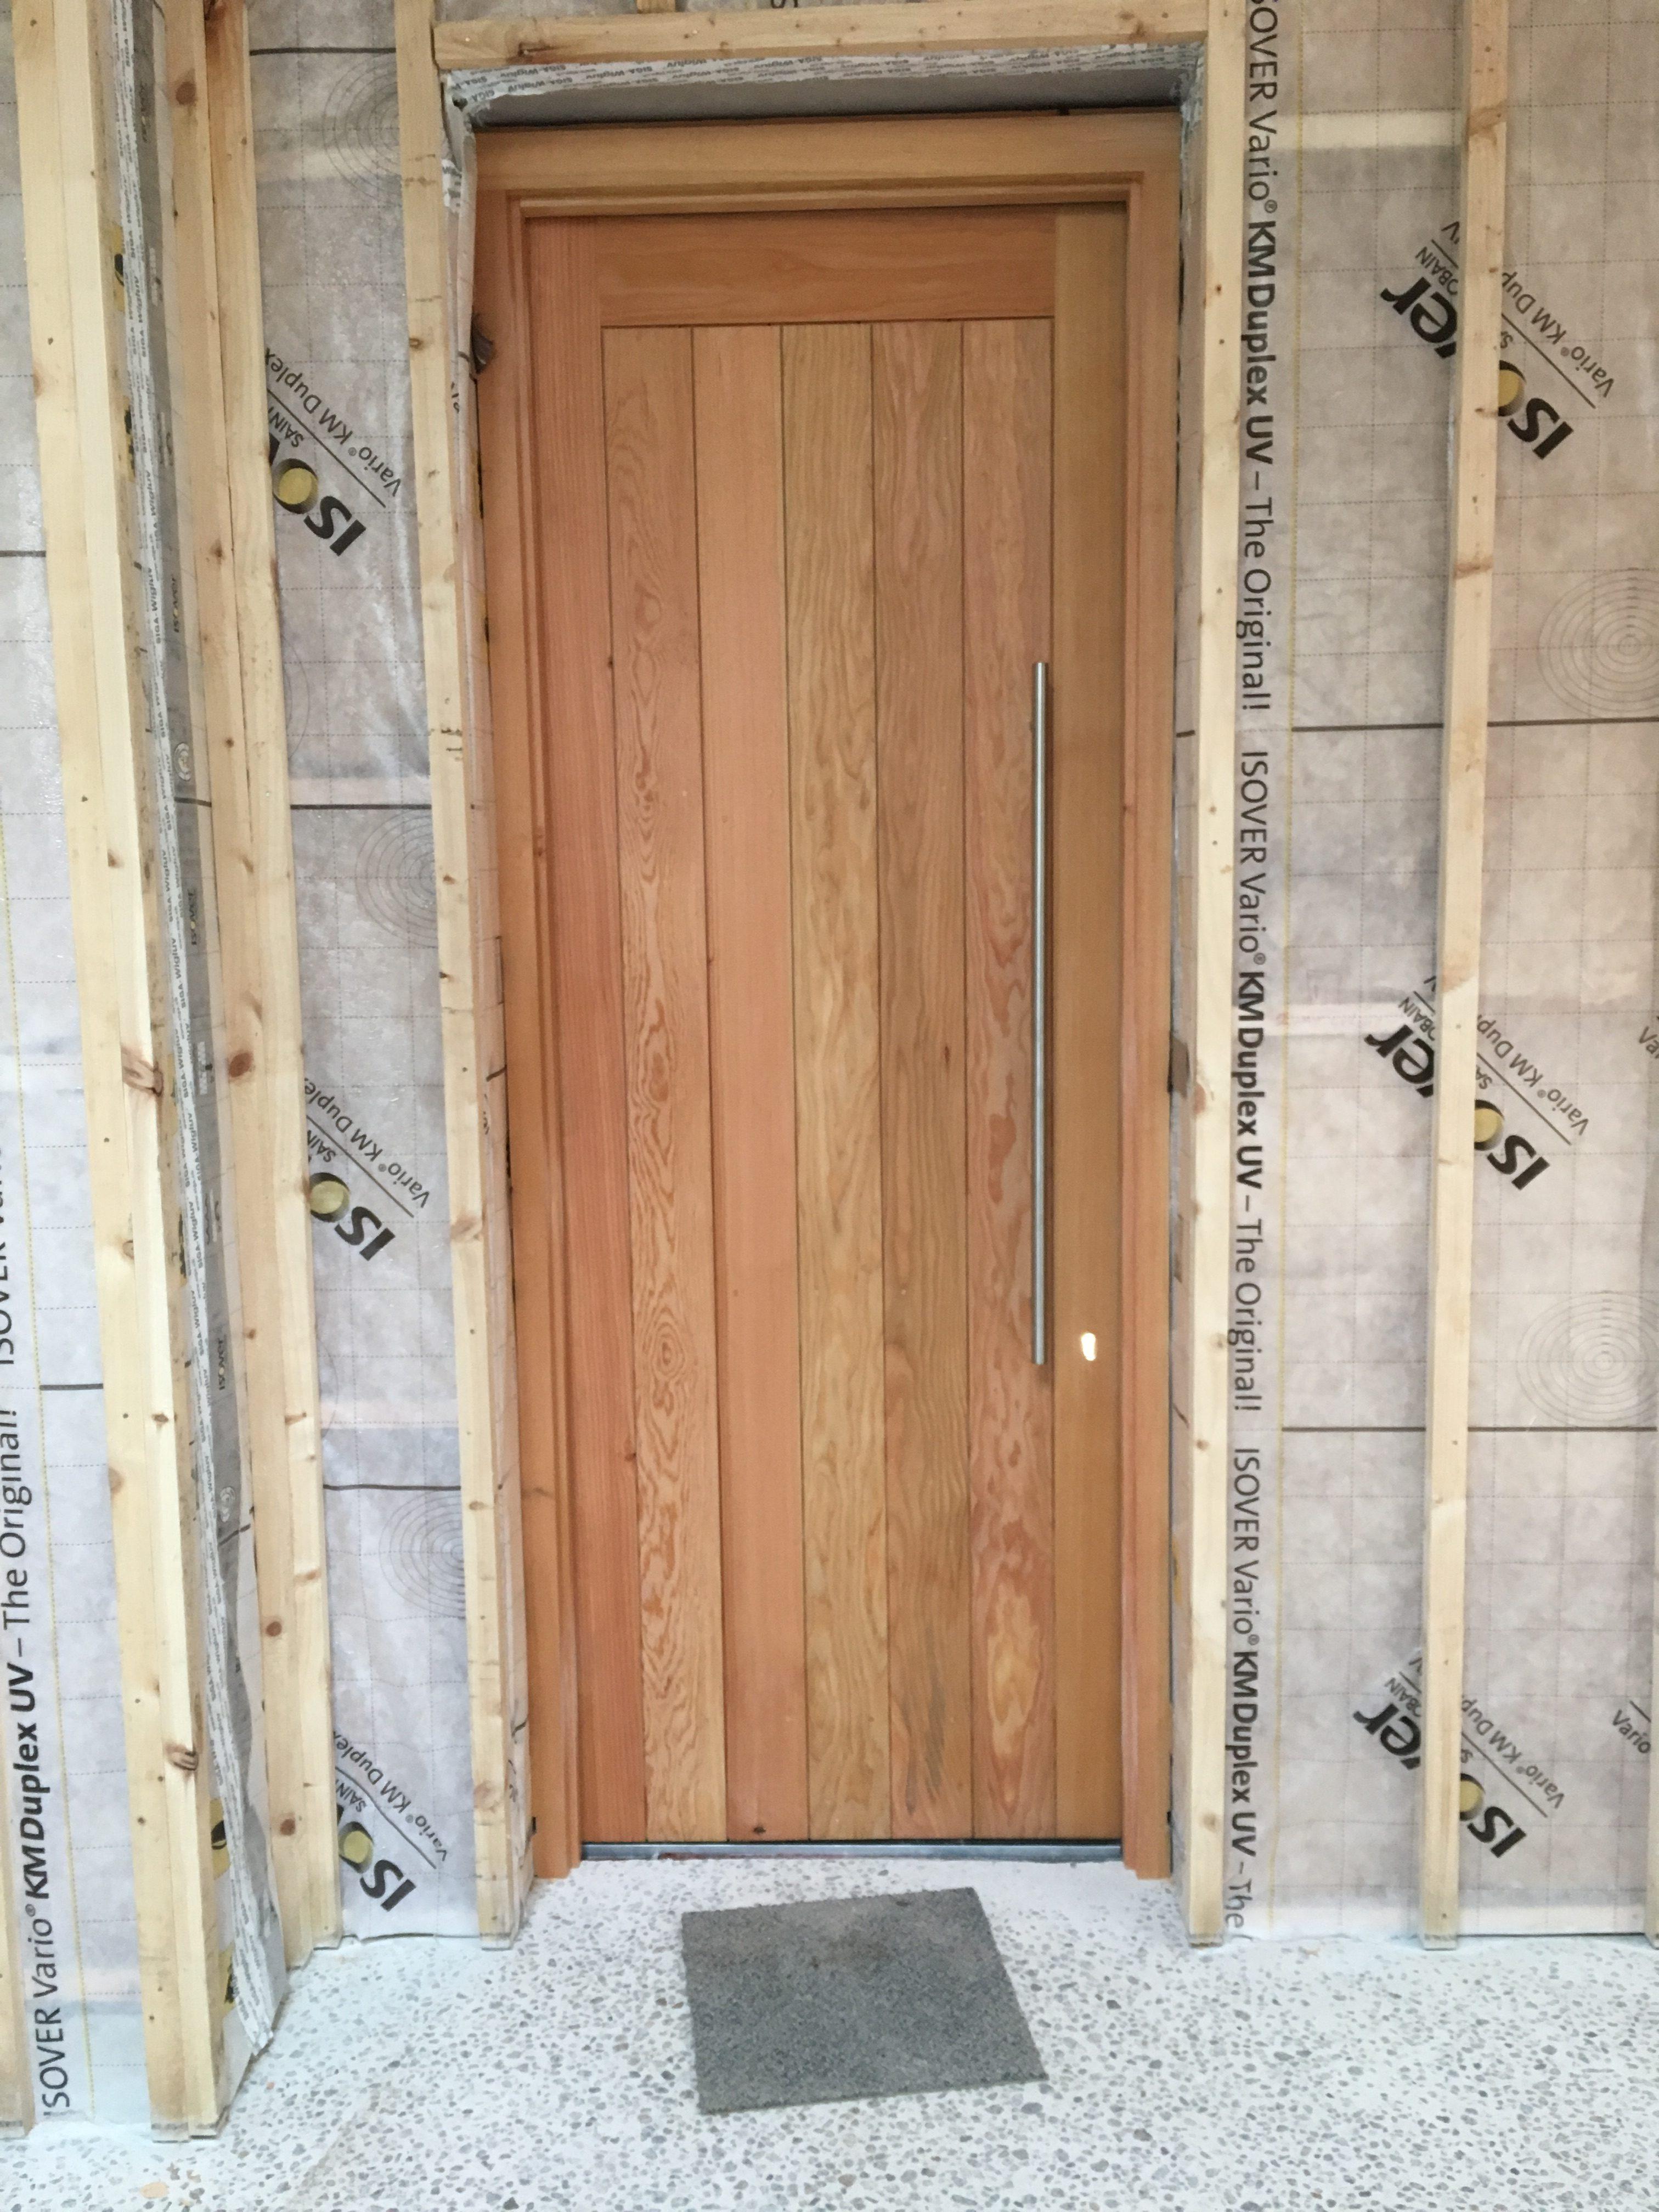 66mm Douglas Fir Sheeted Door.